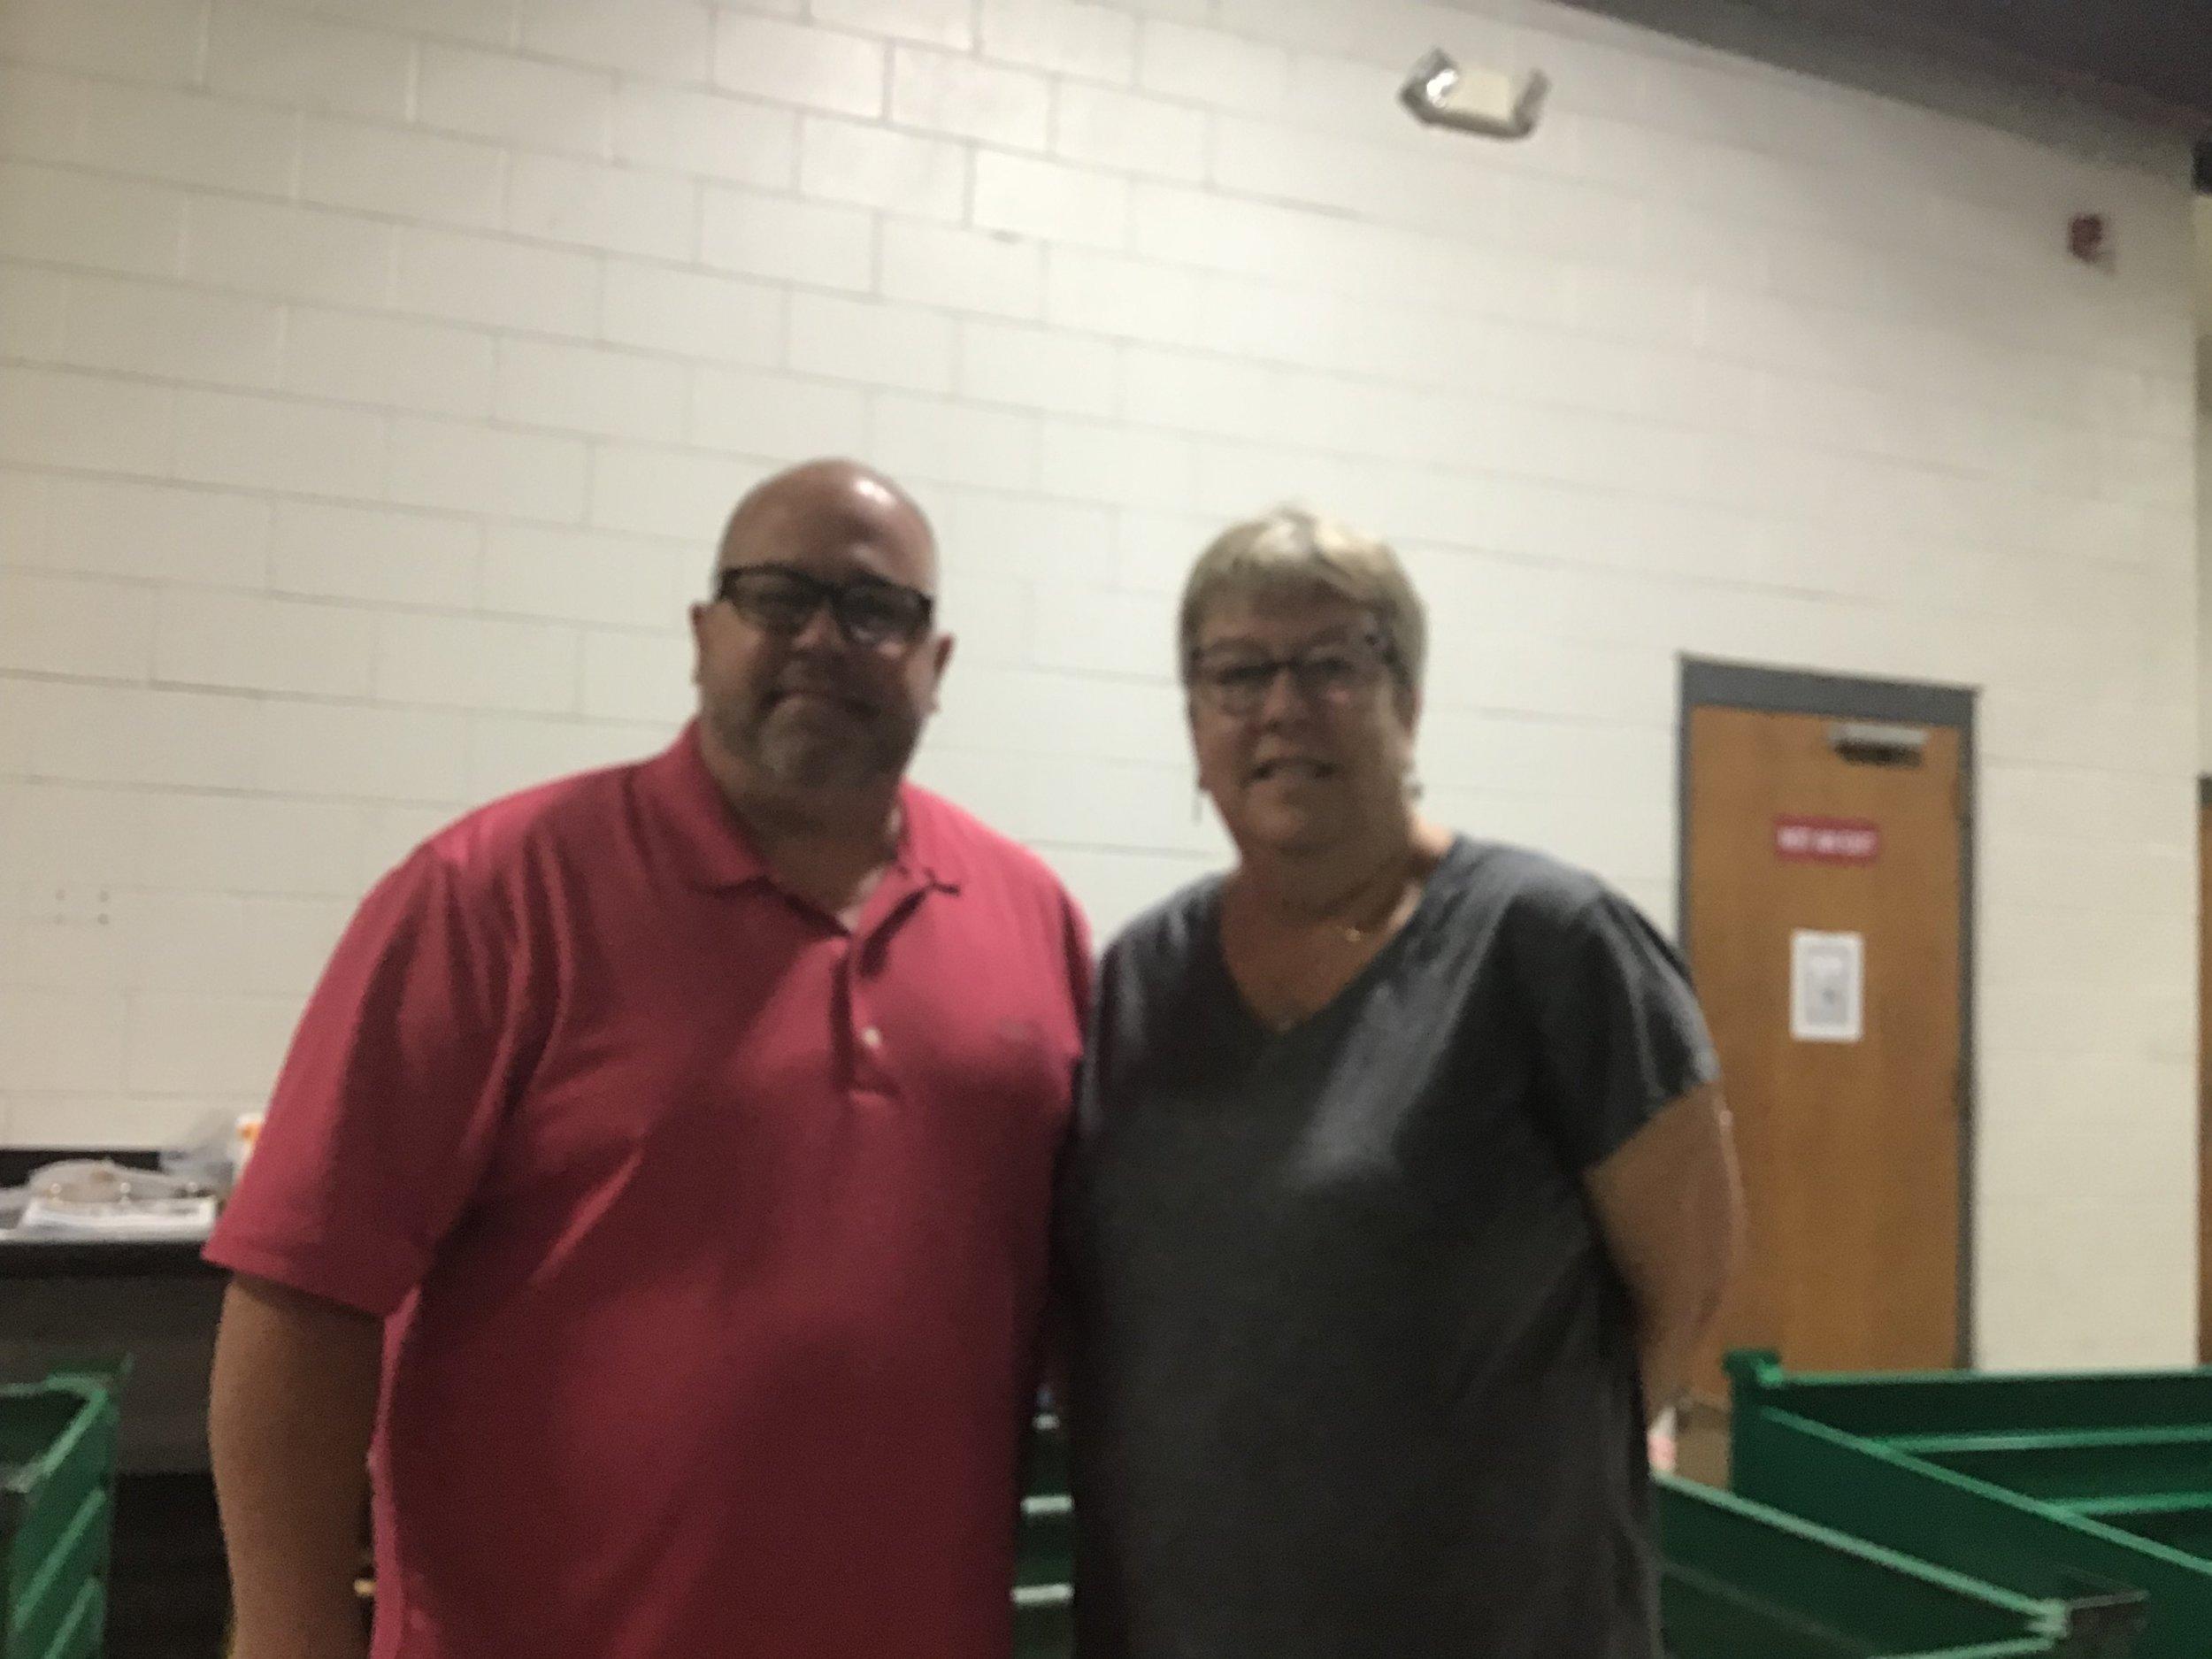 Mark Wilson and Pam Muller of Neuse Enterprises